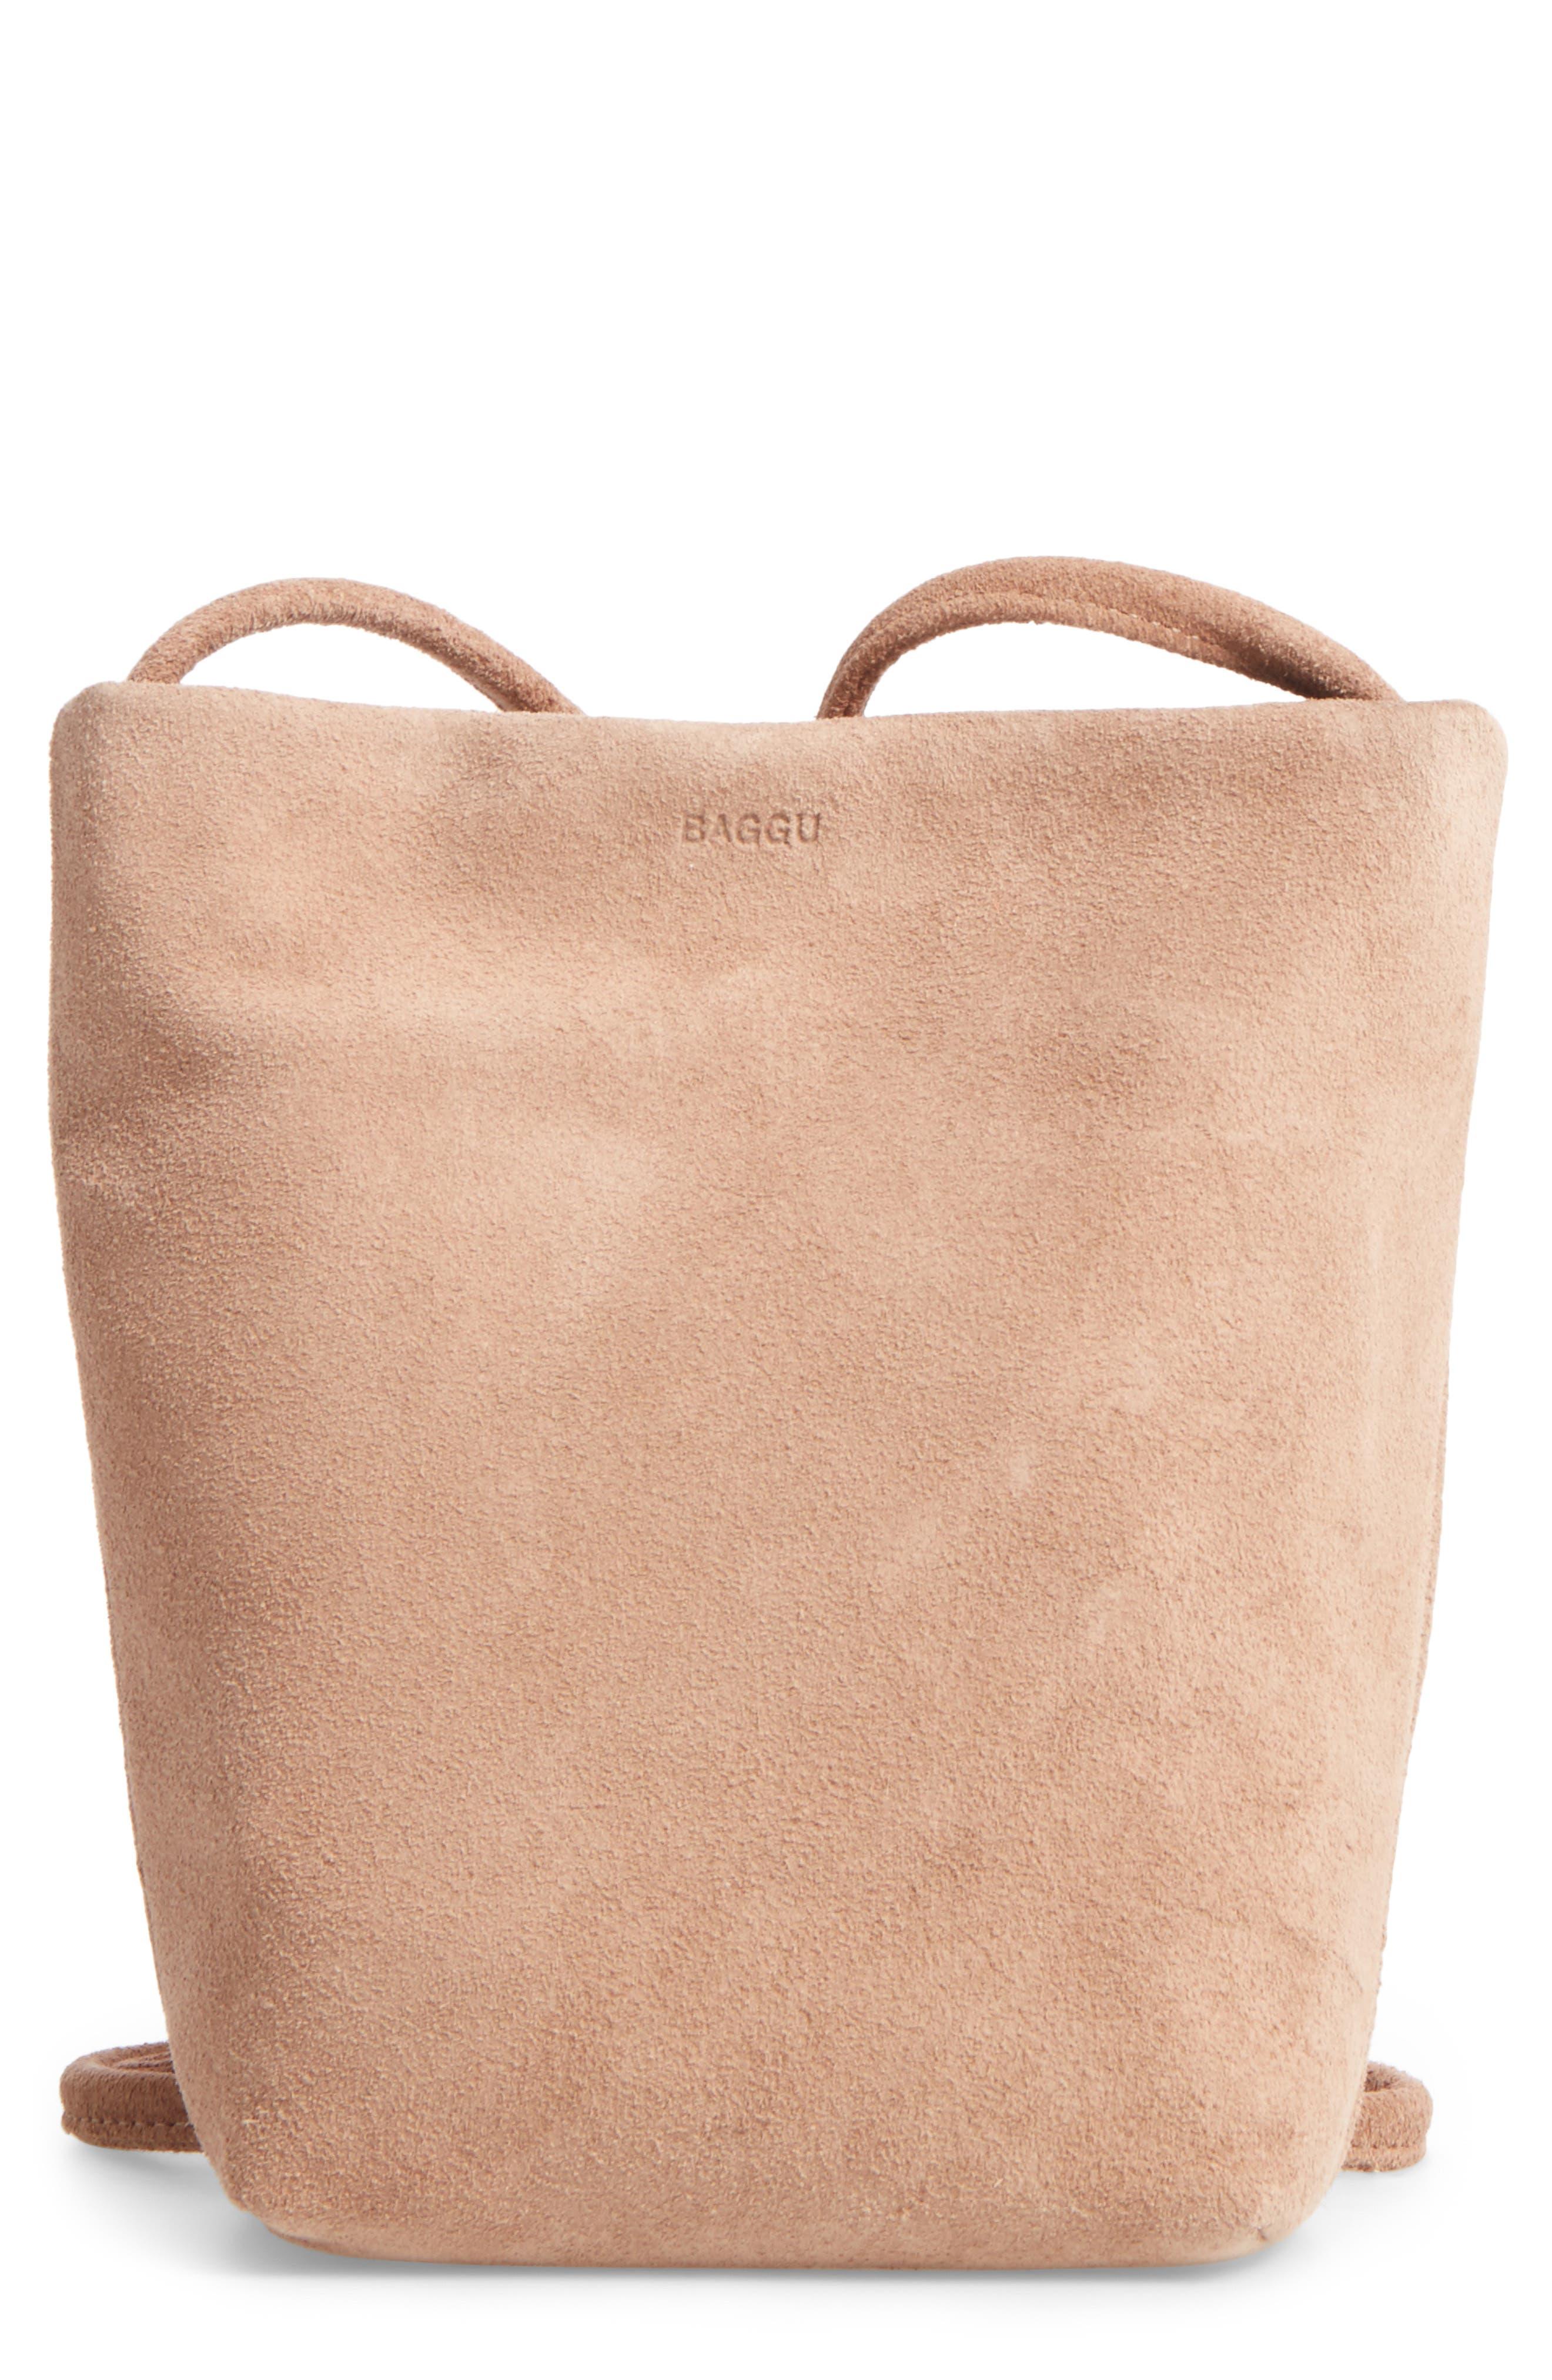 Alternate Image 1 Selected - Baggu Leather Crossbody Bag